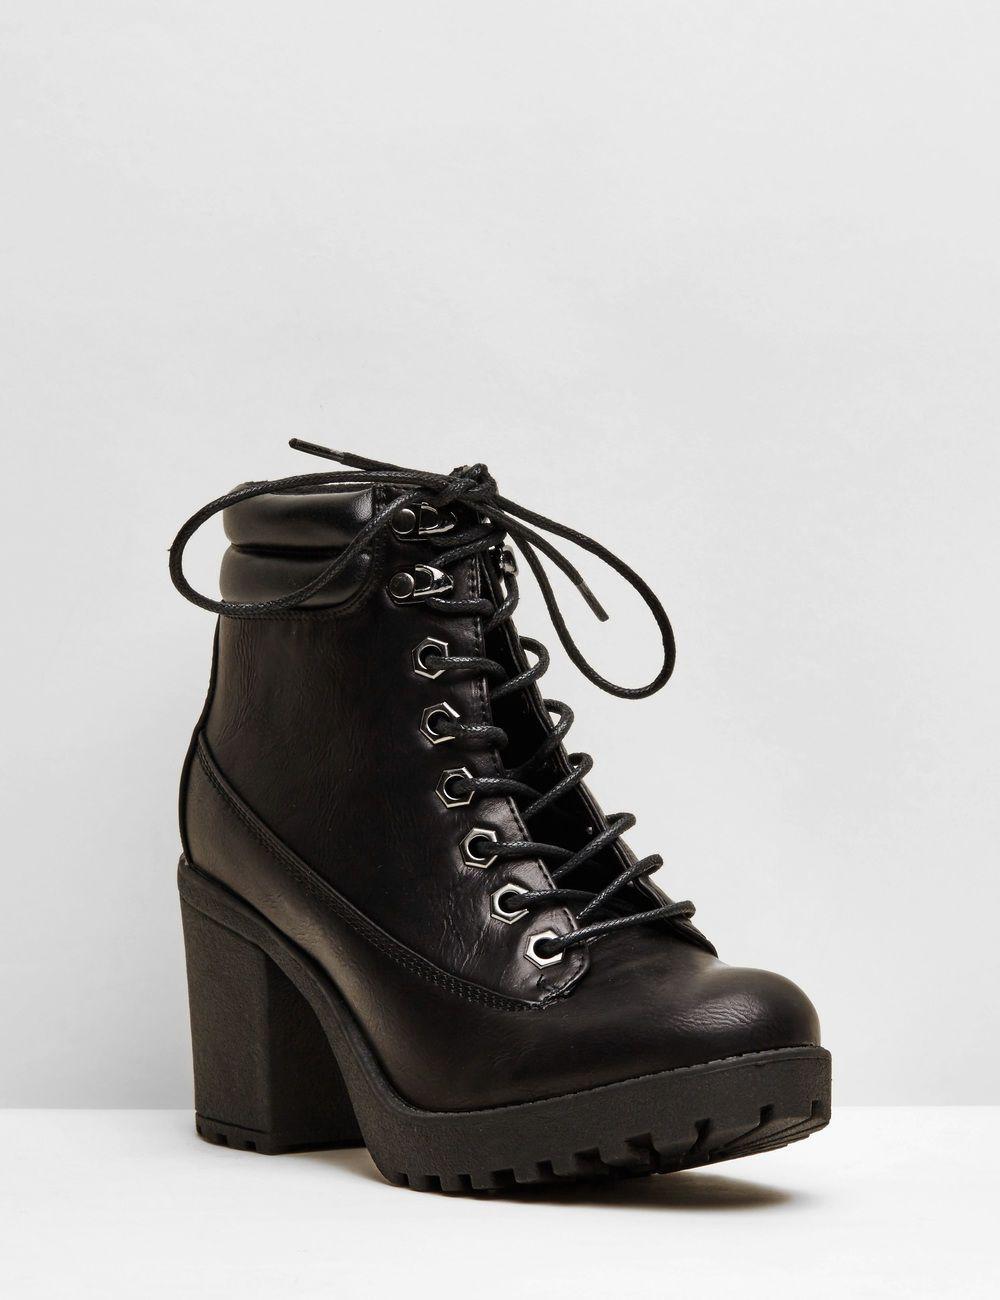 bottines talons lacets noires femme jennyfer tenues. Black Bedroom Furniture Sets. Home Design Ideas